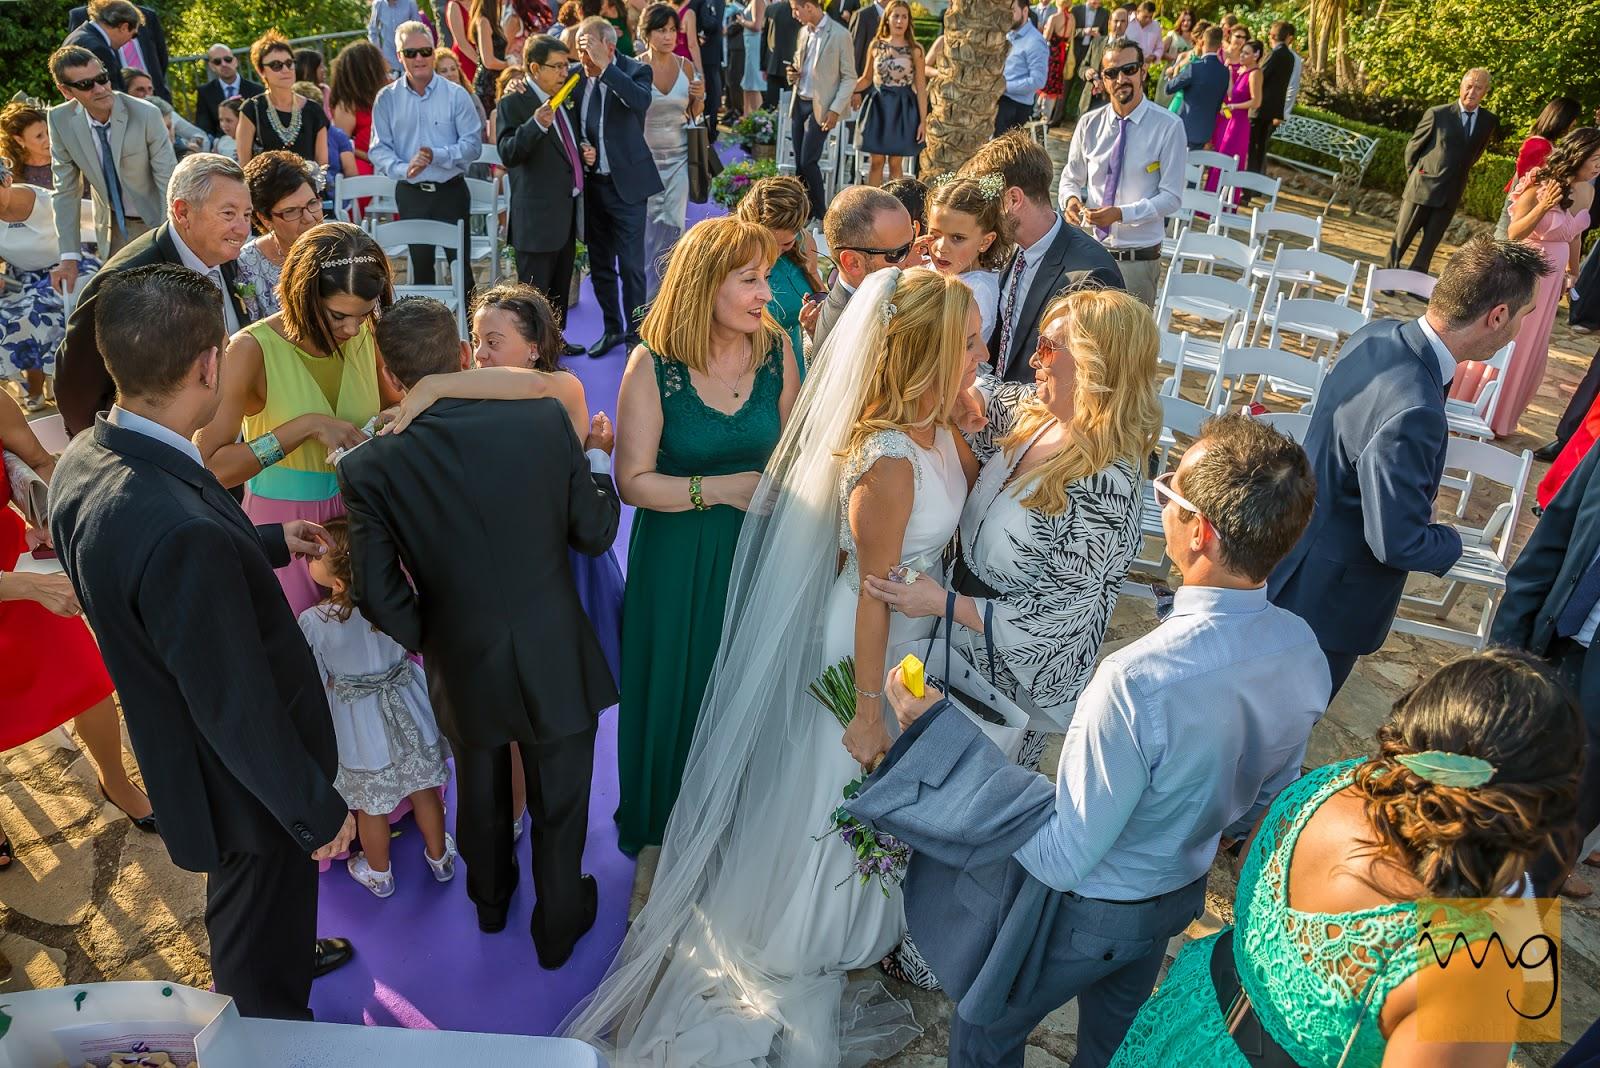 Fotografía de las felicitaciones al terminar la ceremonia de la boda